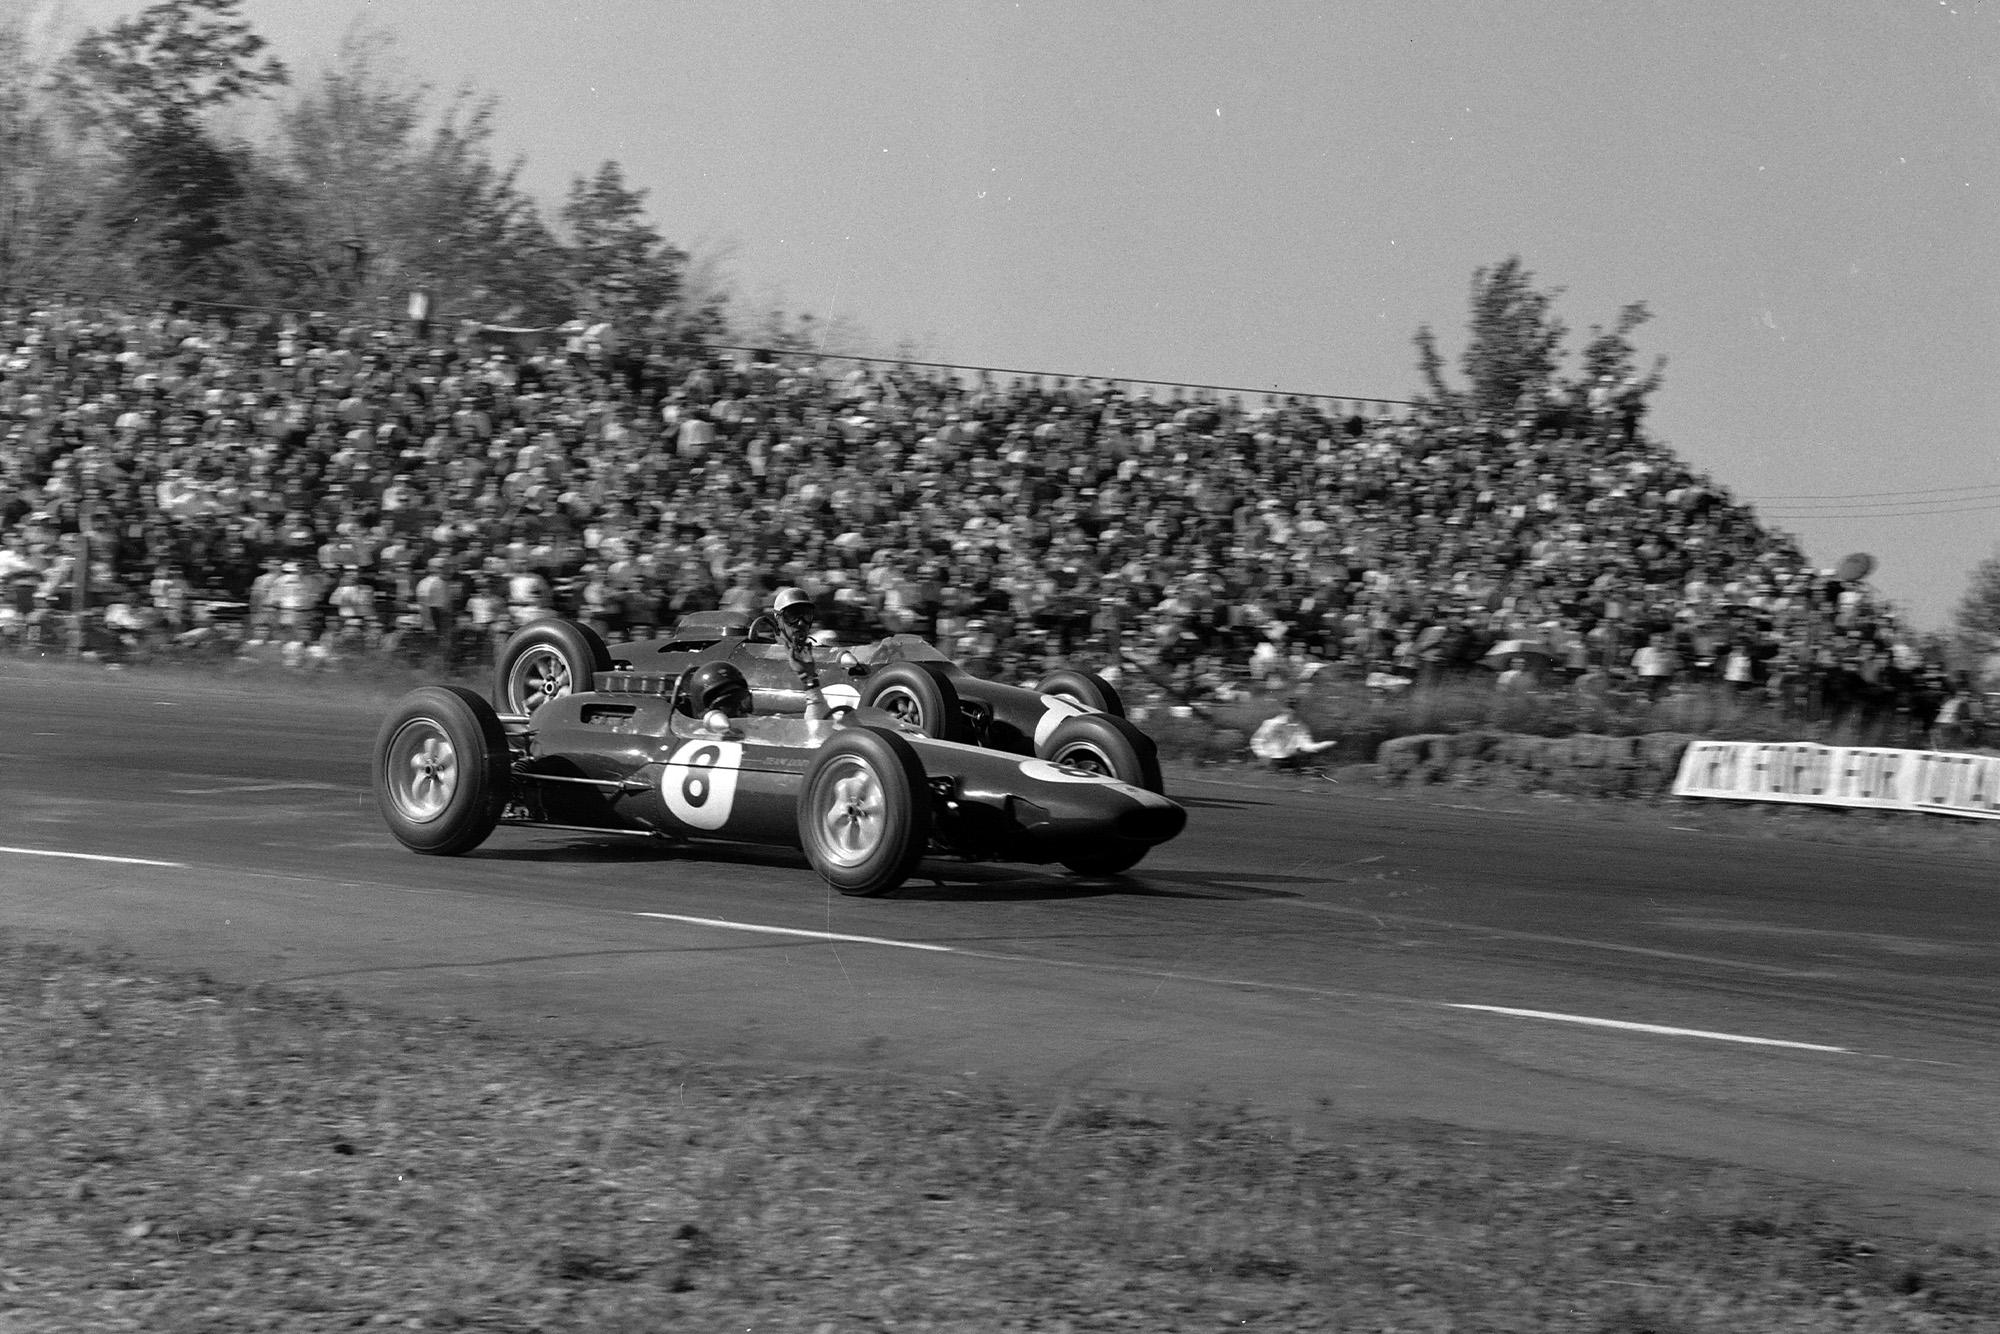 Jim Clark, Lotus 25 Climax, signals as he passes Jo Bonnier, Cooper T66 Climax.